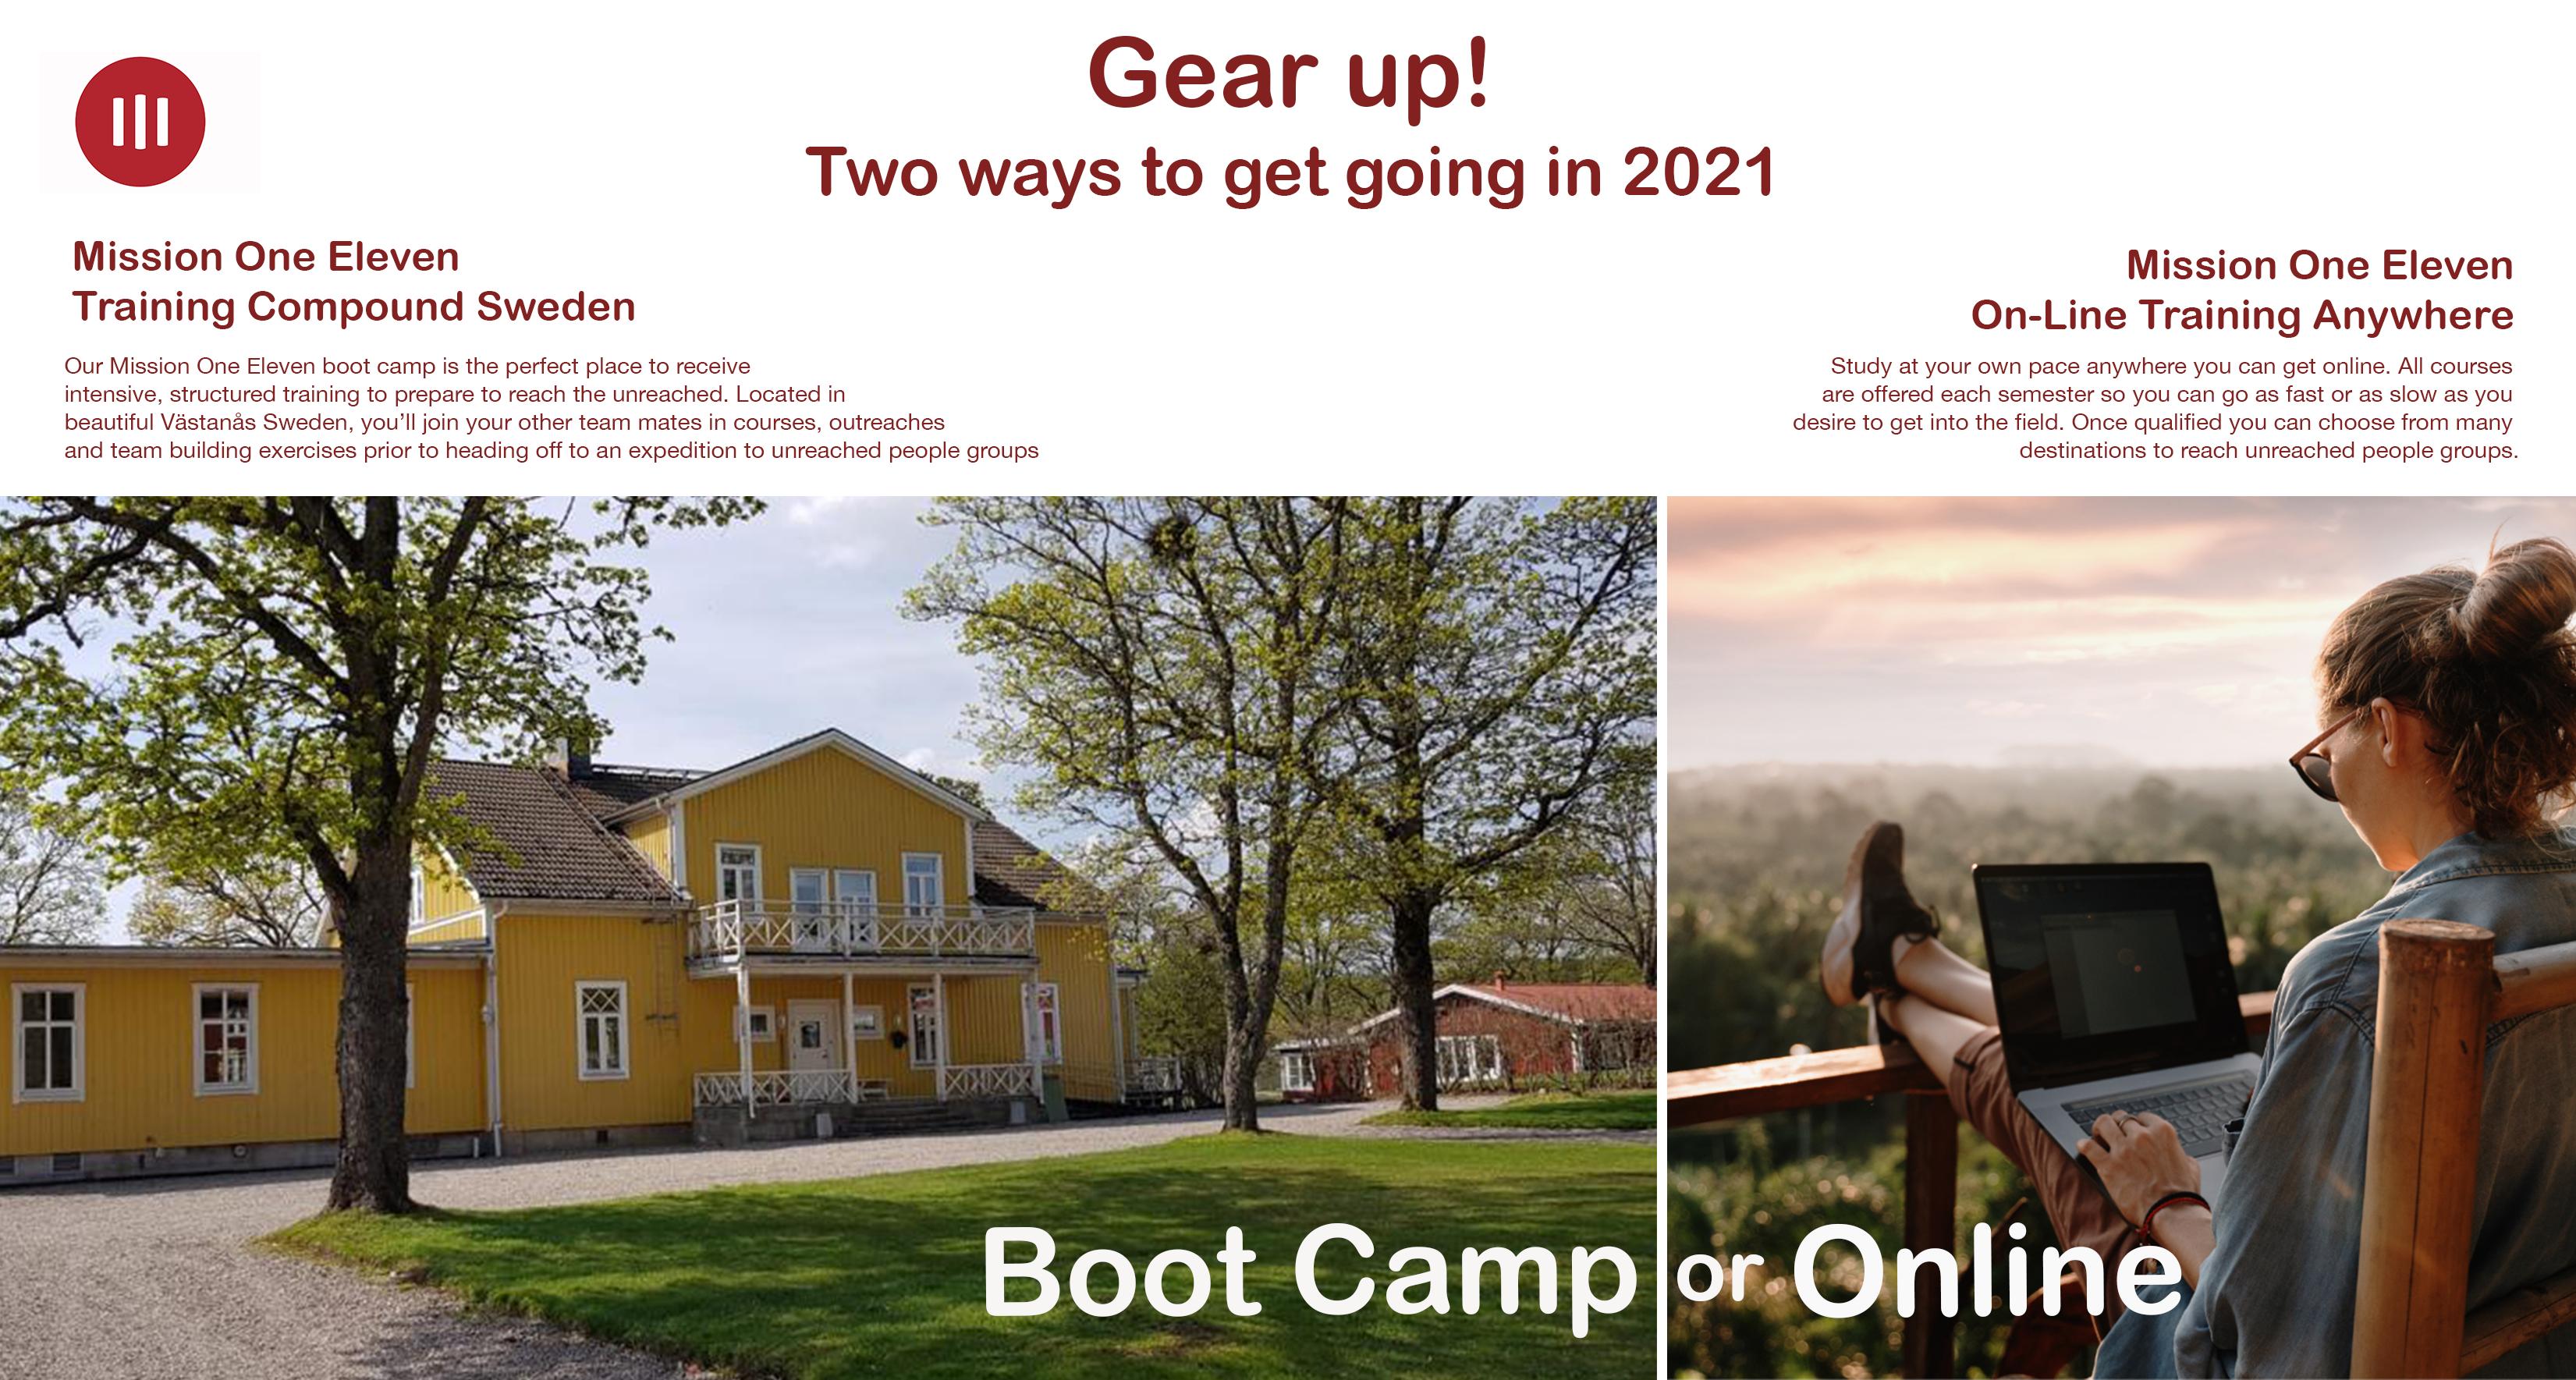 Mission One Eleven's training compund in Sweden or Online.